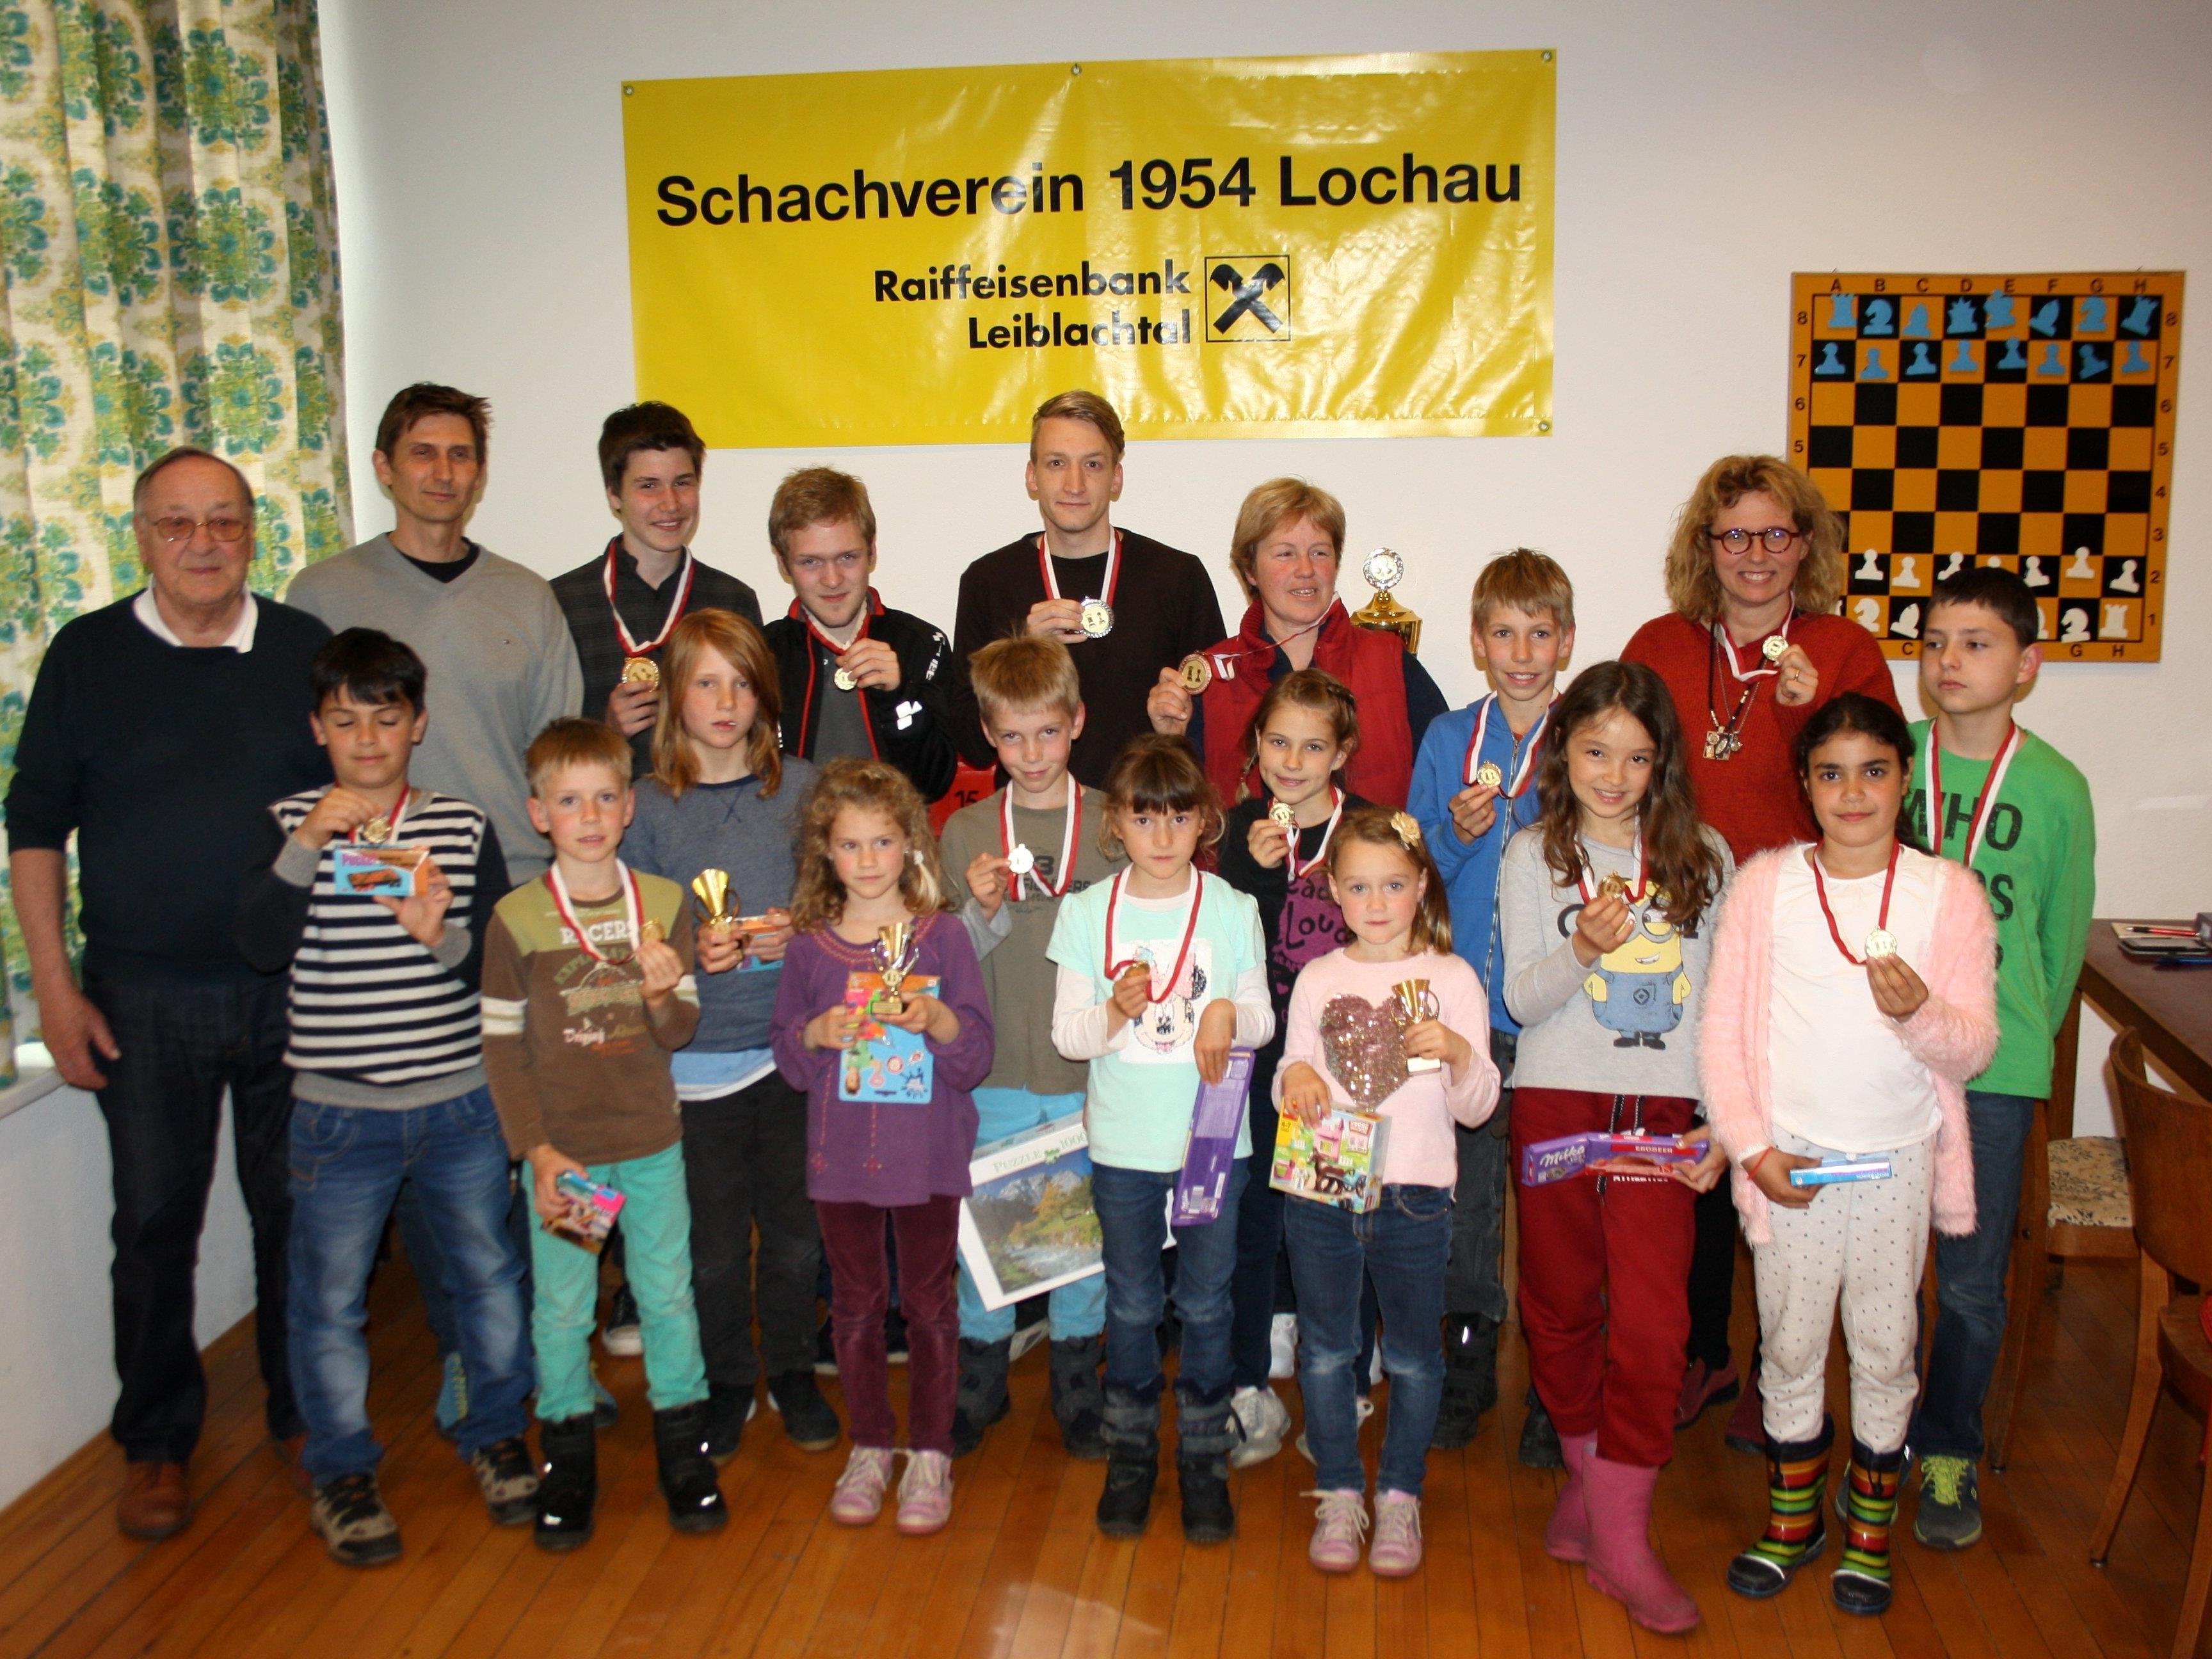 Die erfolgreichen Turnierteilnehmer – Nachwuchs und B-Mannschafts-Kader – mit Pokalen, Medaillen und Sachpreisen beim Siegerfoto mit Obmann Manfred Mayr und Nachwuchsbetreuer Hans Rigg.